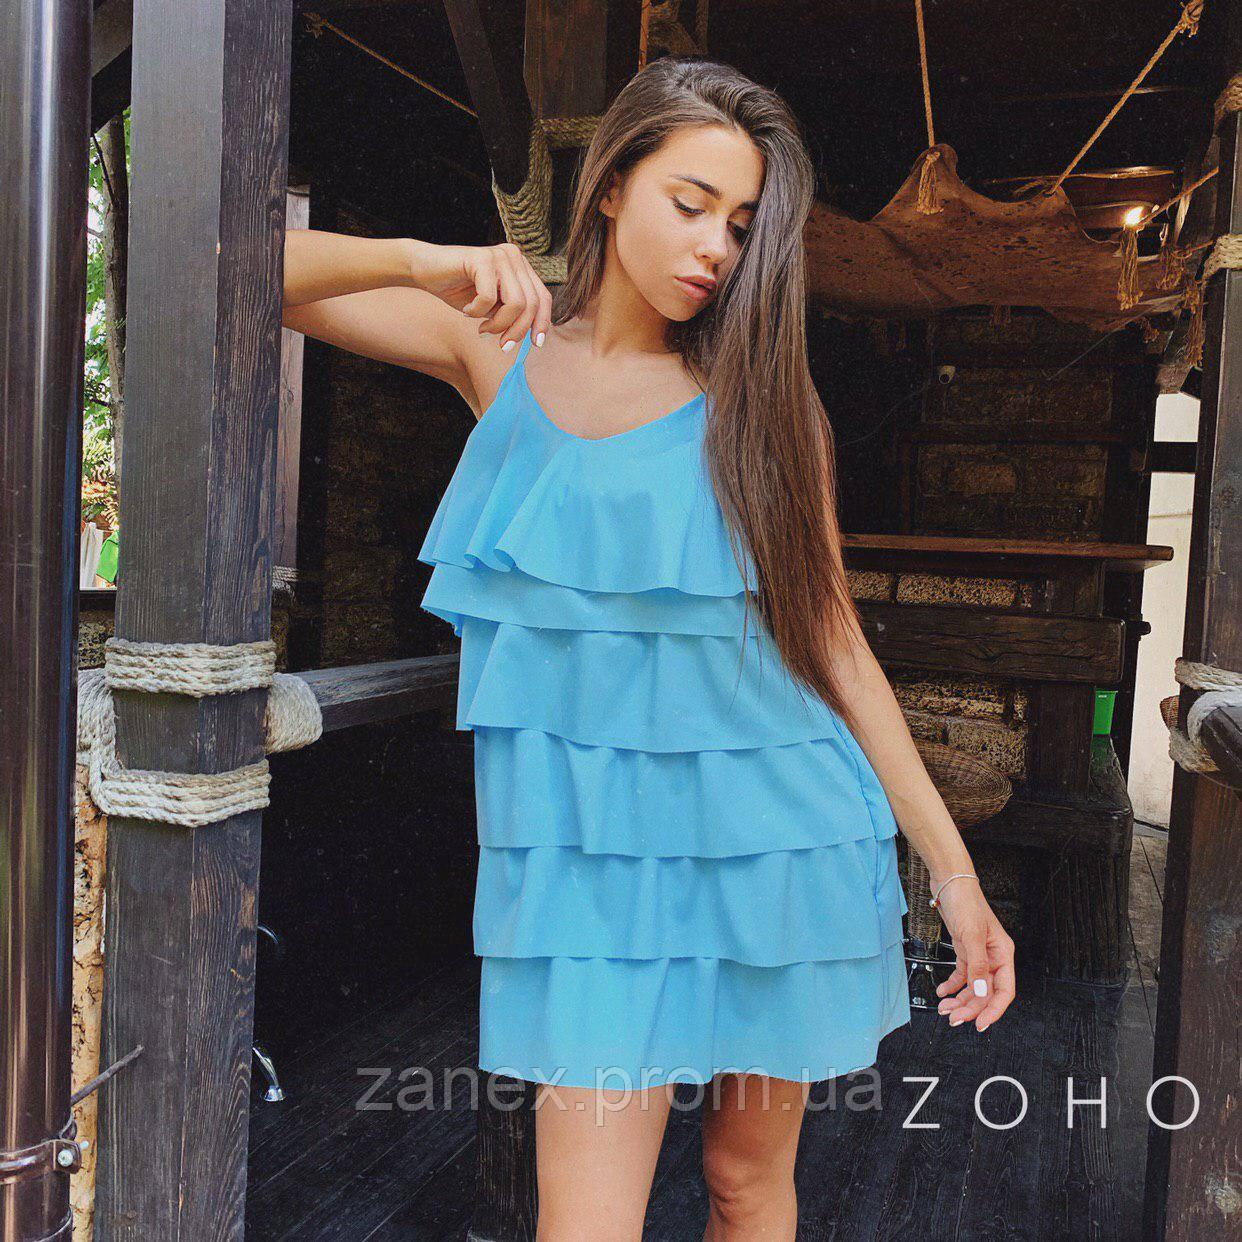 Платье Zanex «Елка», голубое